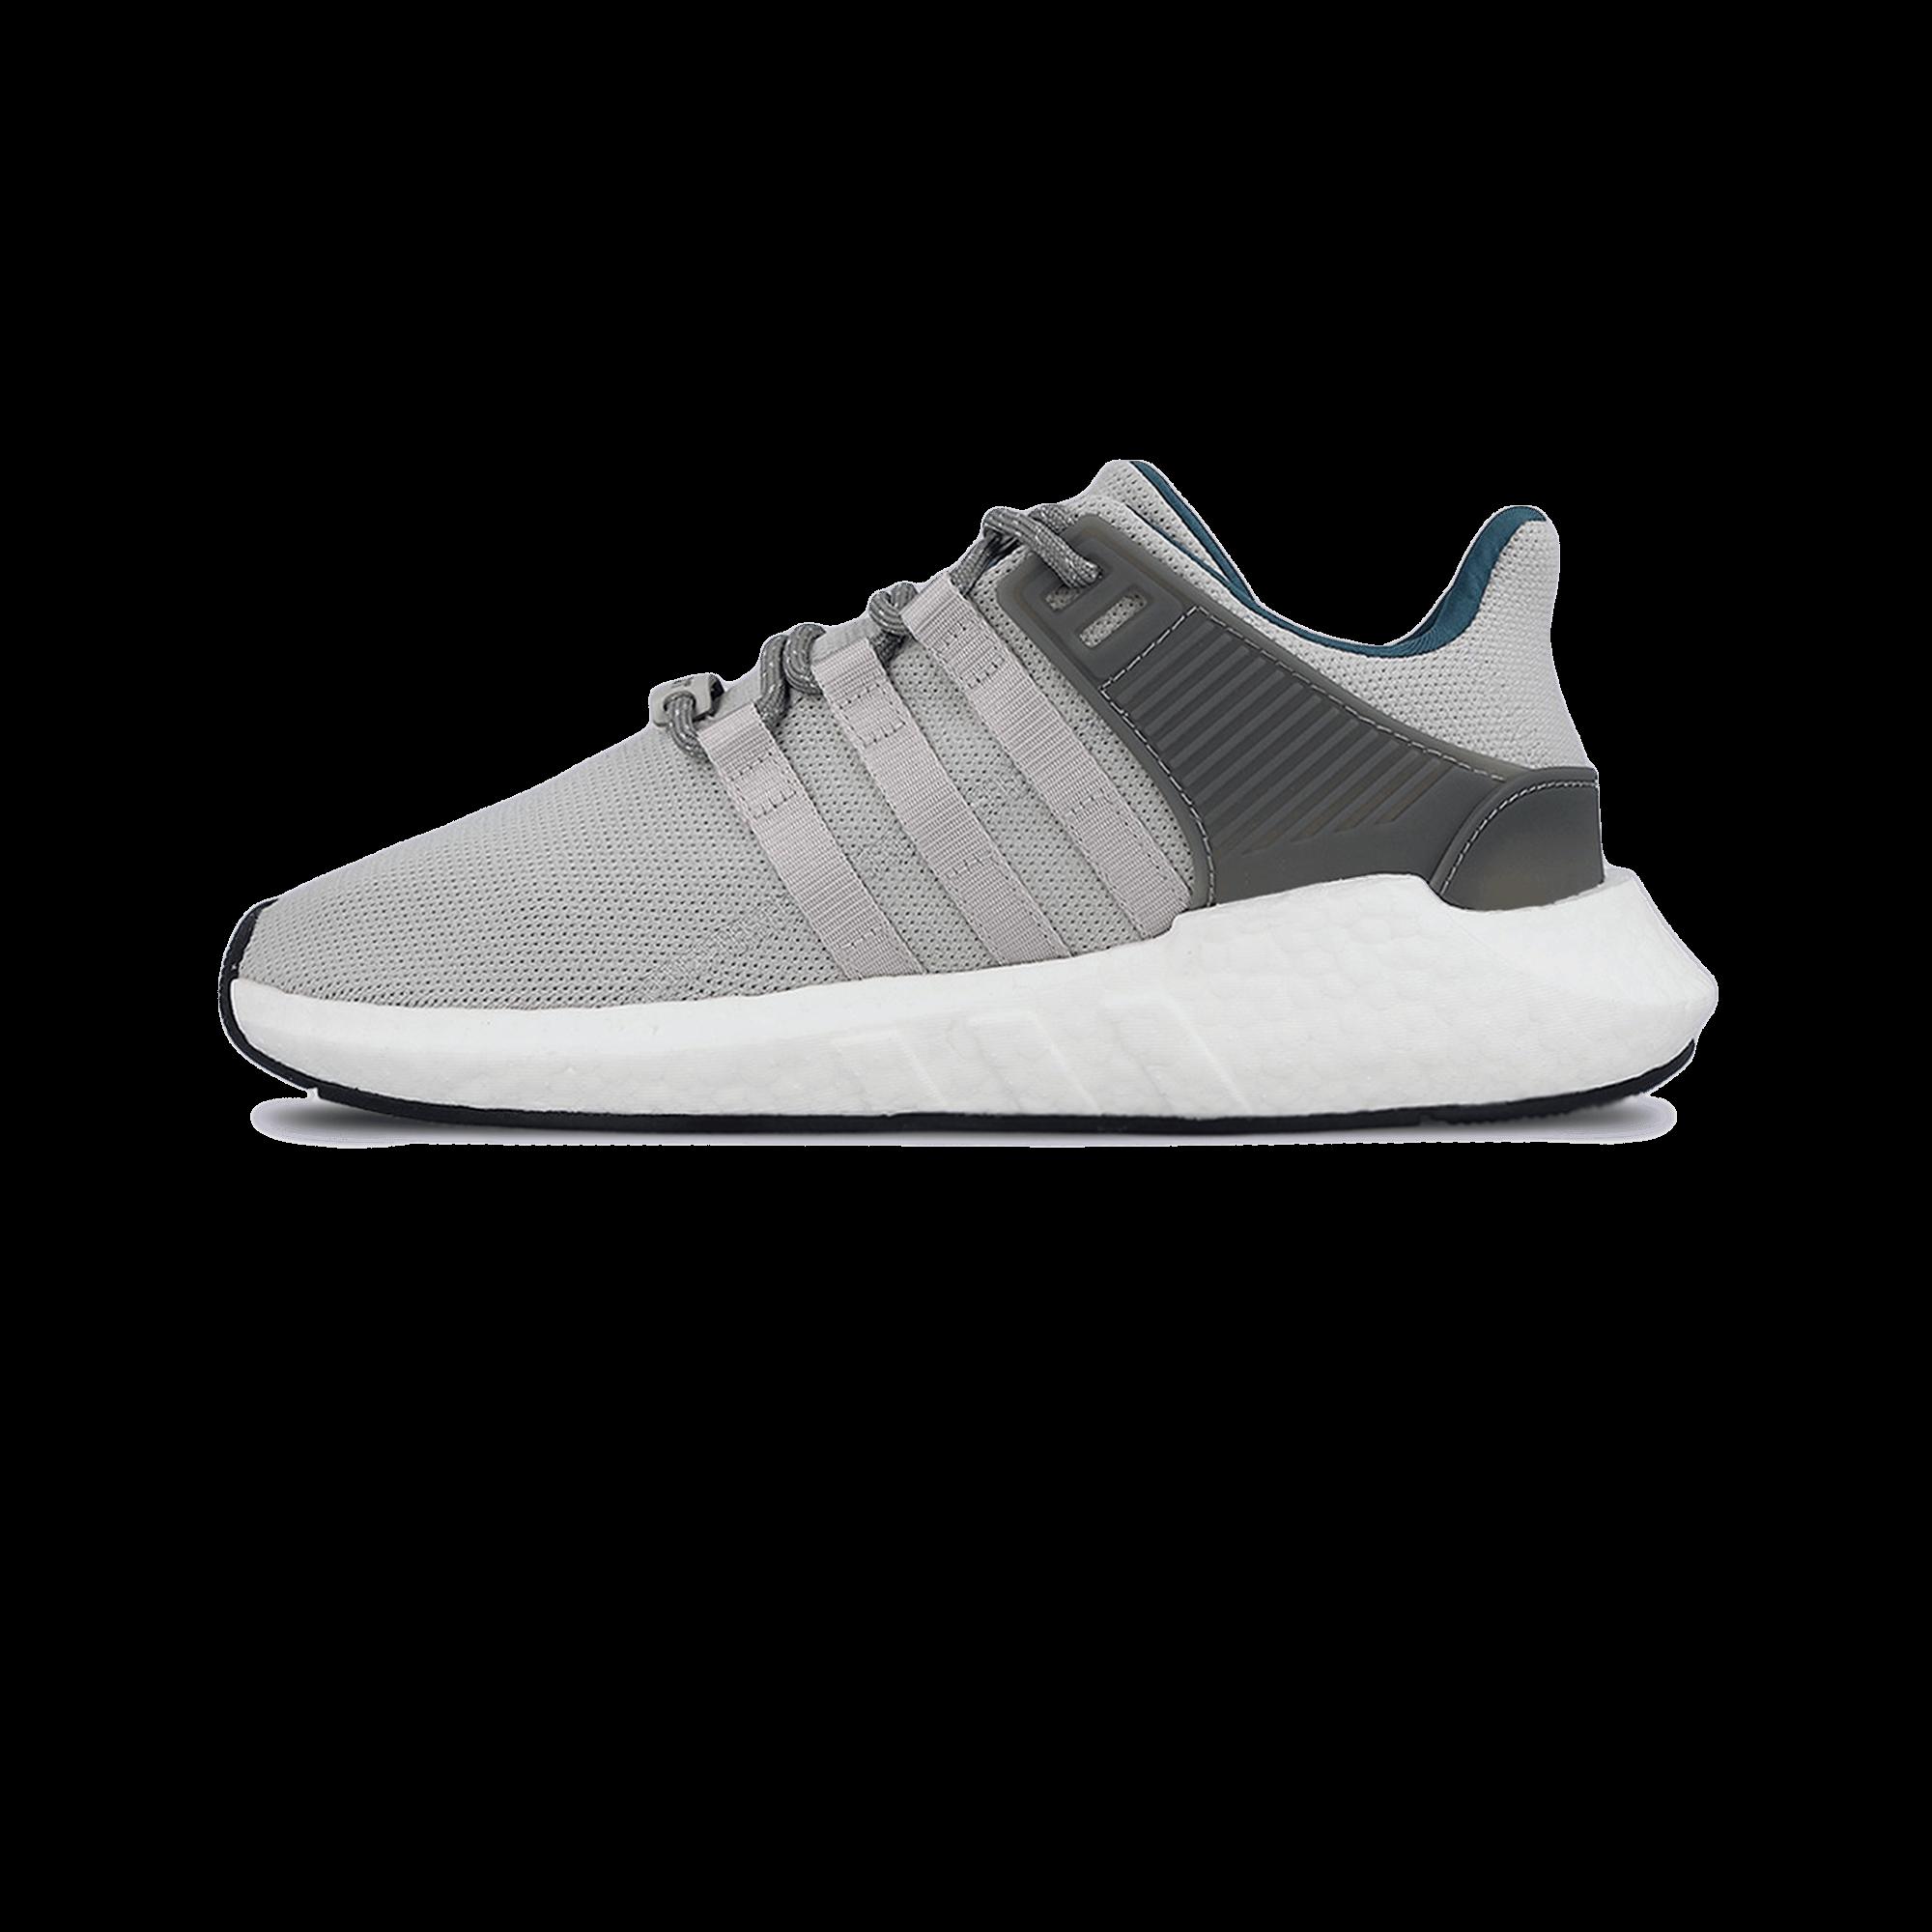 Adidas EQT Support 93 / 17 hombres gris / azul